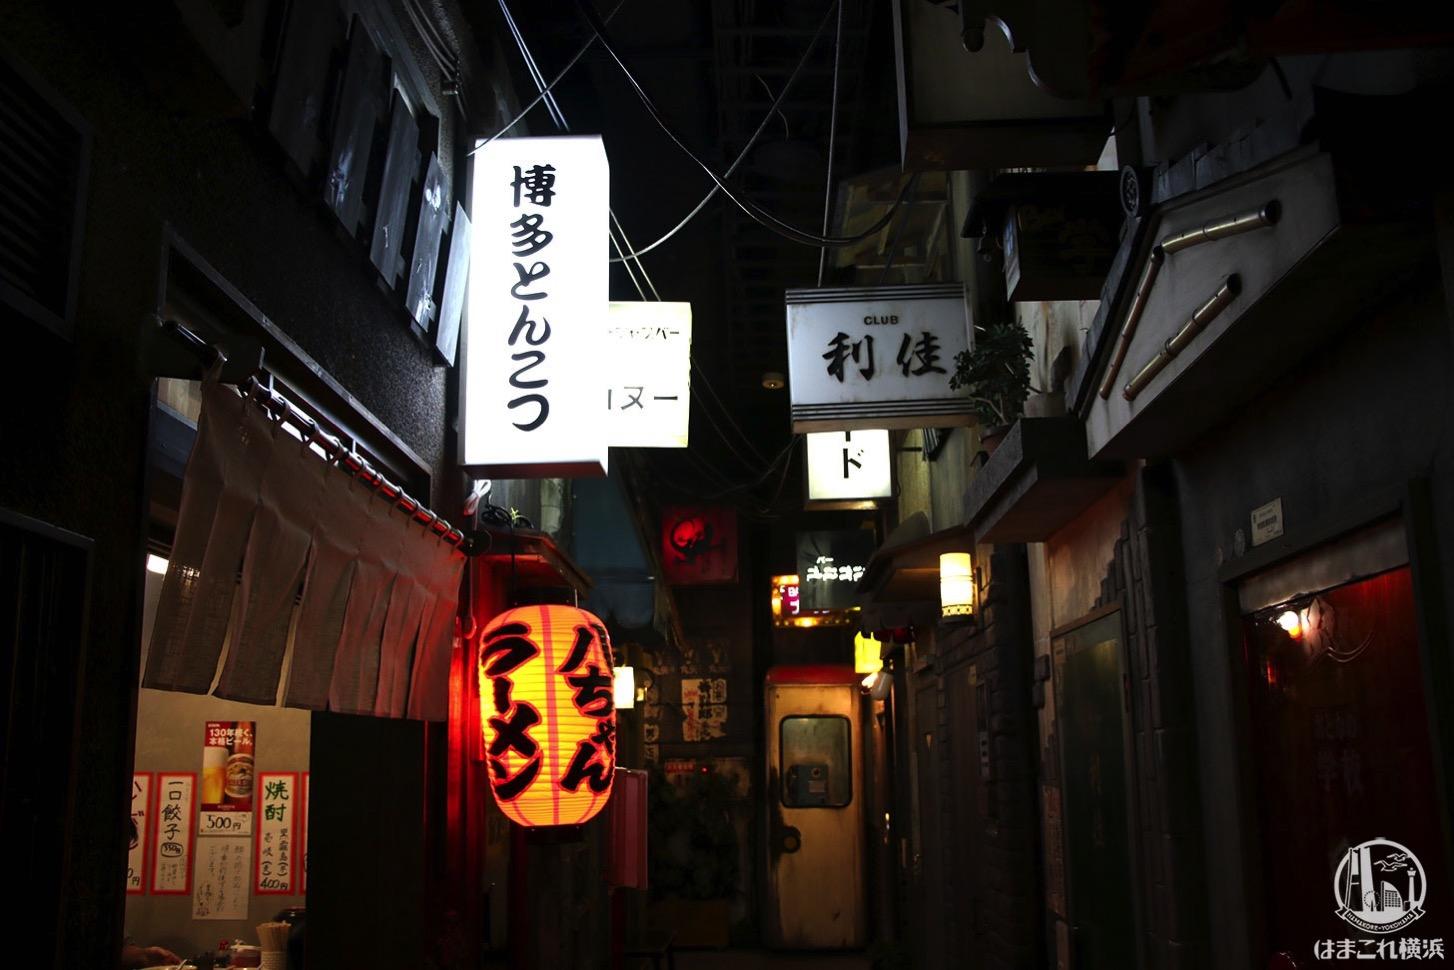 八ちゃんラーメン 新横浜ラーメン博物館 外観